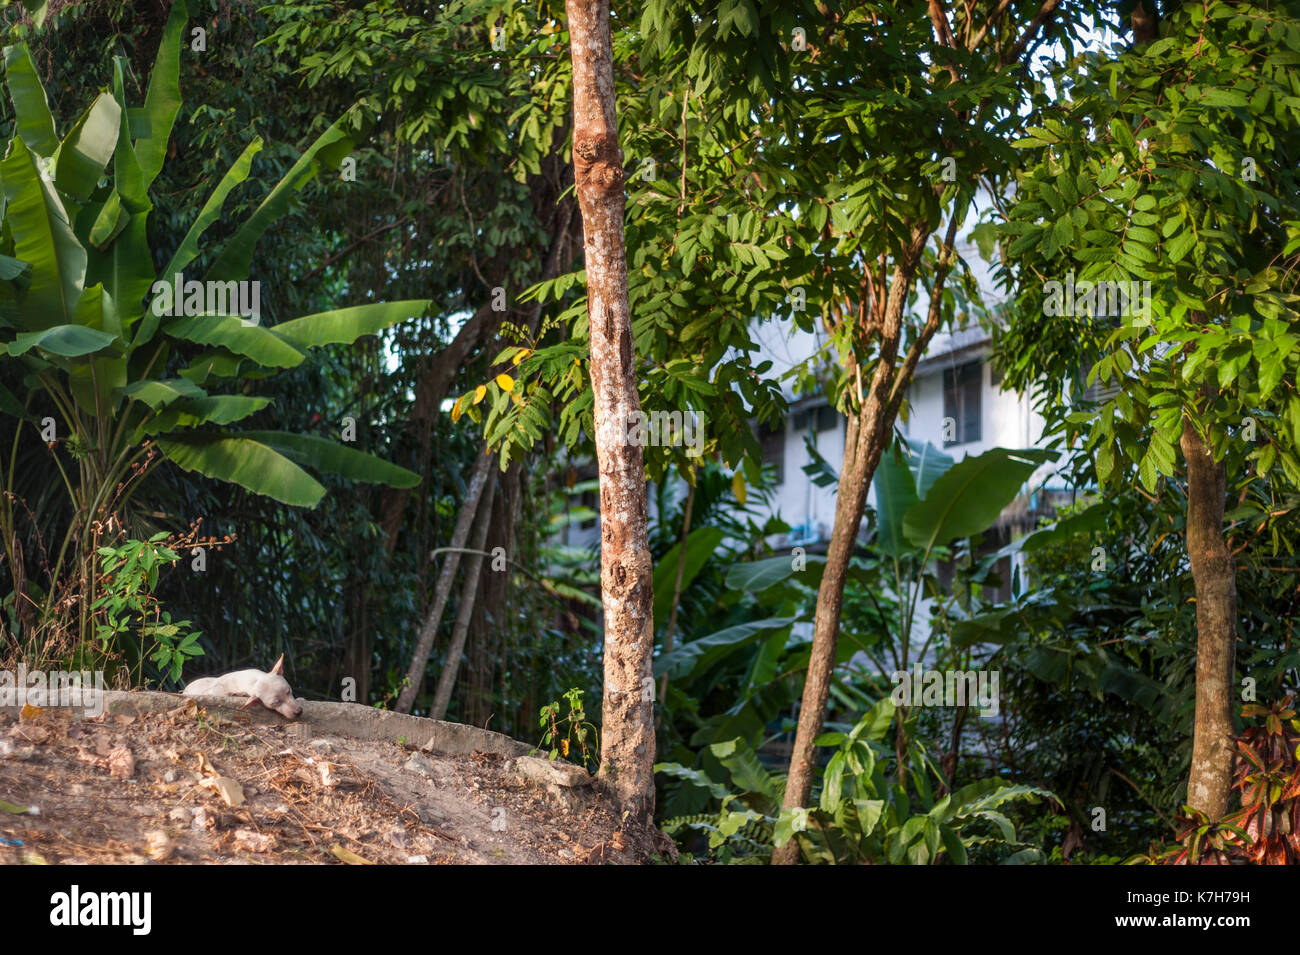 Dog sleeping in Krabi town, Thailand - Stock Image